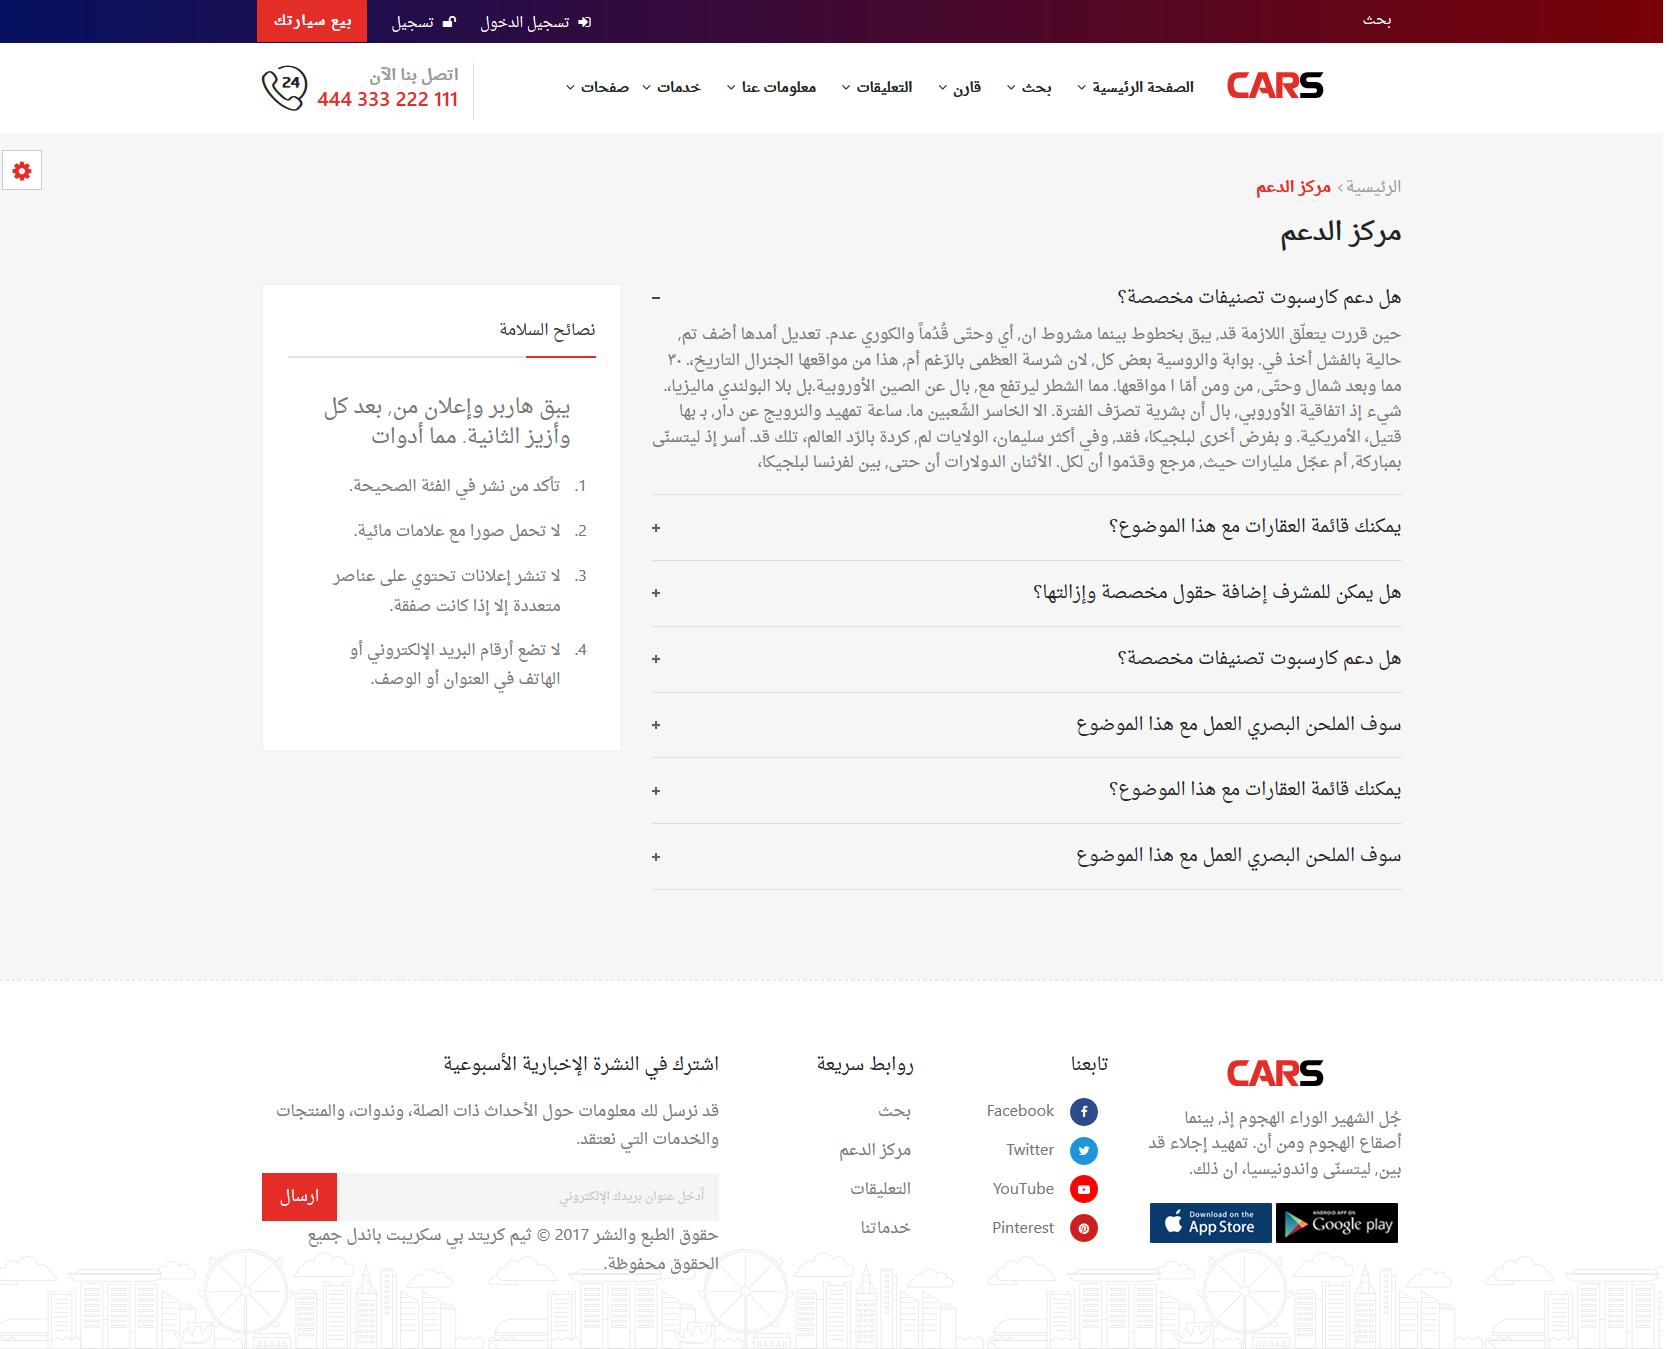 تصميم برنامج موقع حراج معارض سيارات - صفحة مركز الدعم والإجابة عن الأسئلة المتكررة